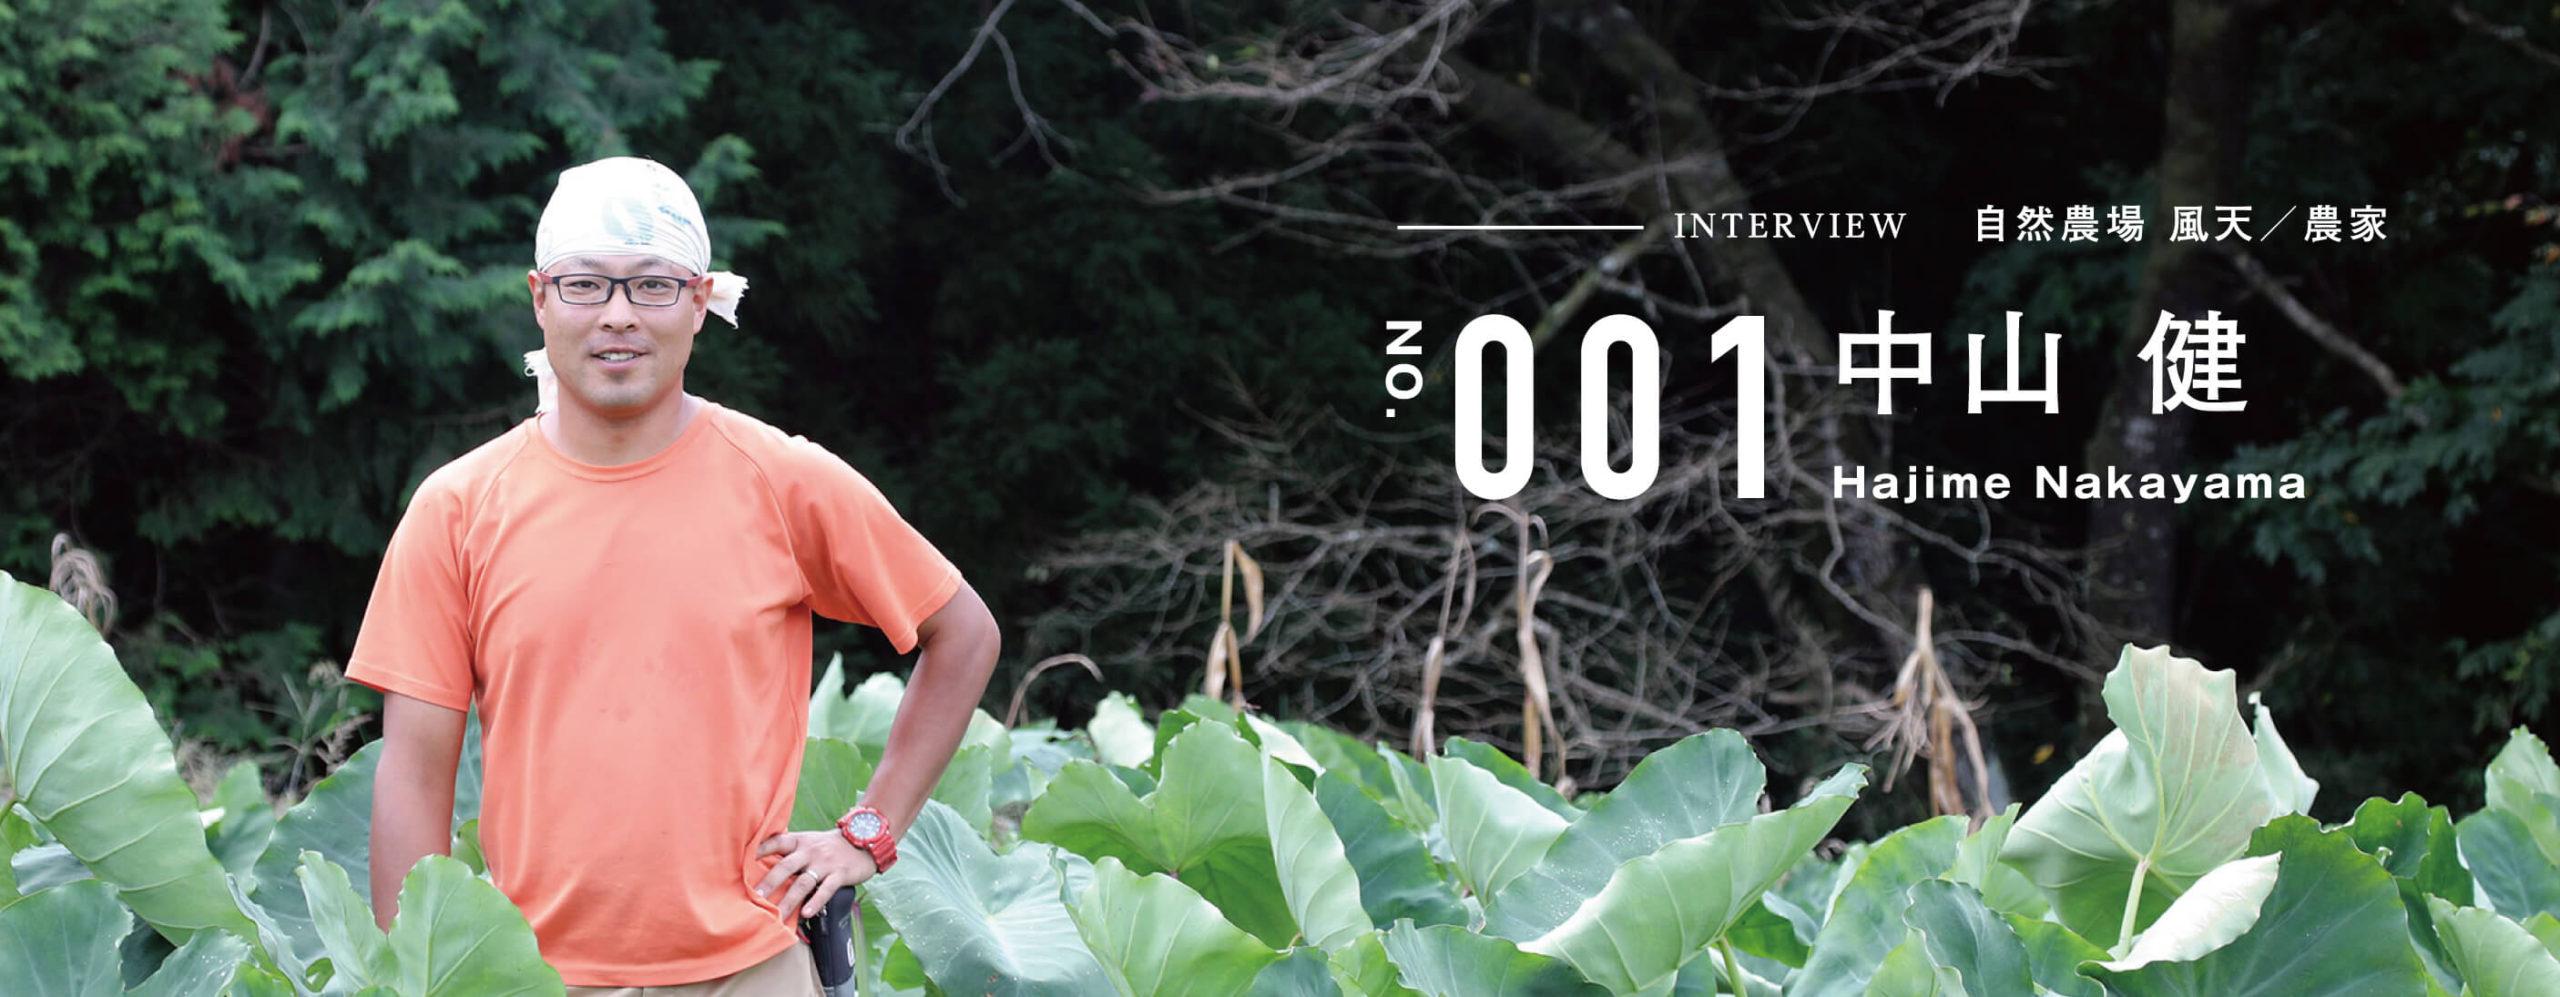 自然農場風天 中山健さん | NOUKA JAPAN JOURNAL